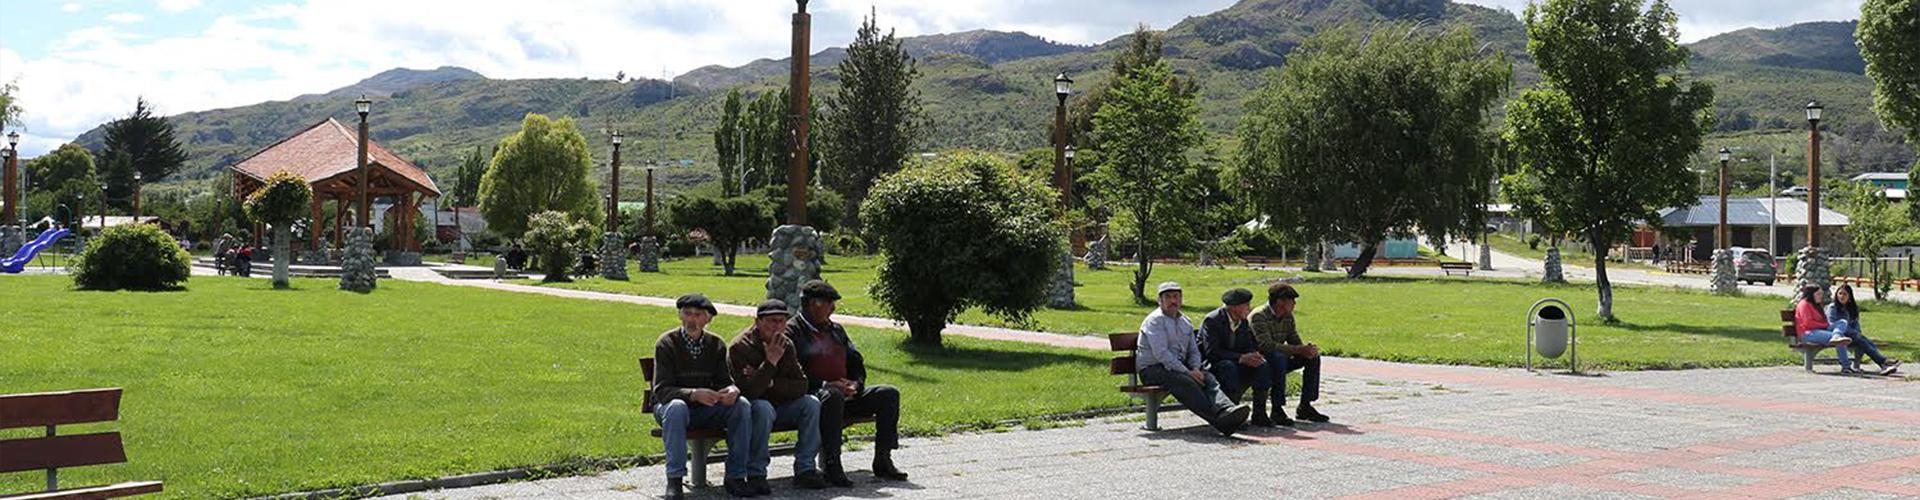 Procesos Fronterizos en la Patagonia, Reflexiones Transdisciplinares